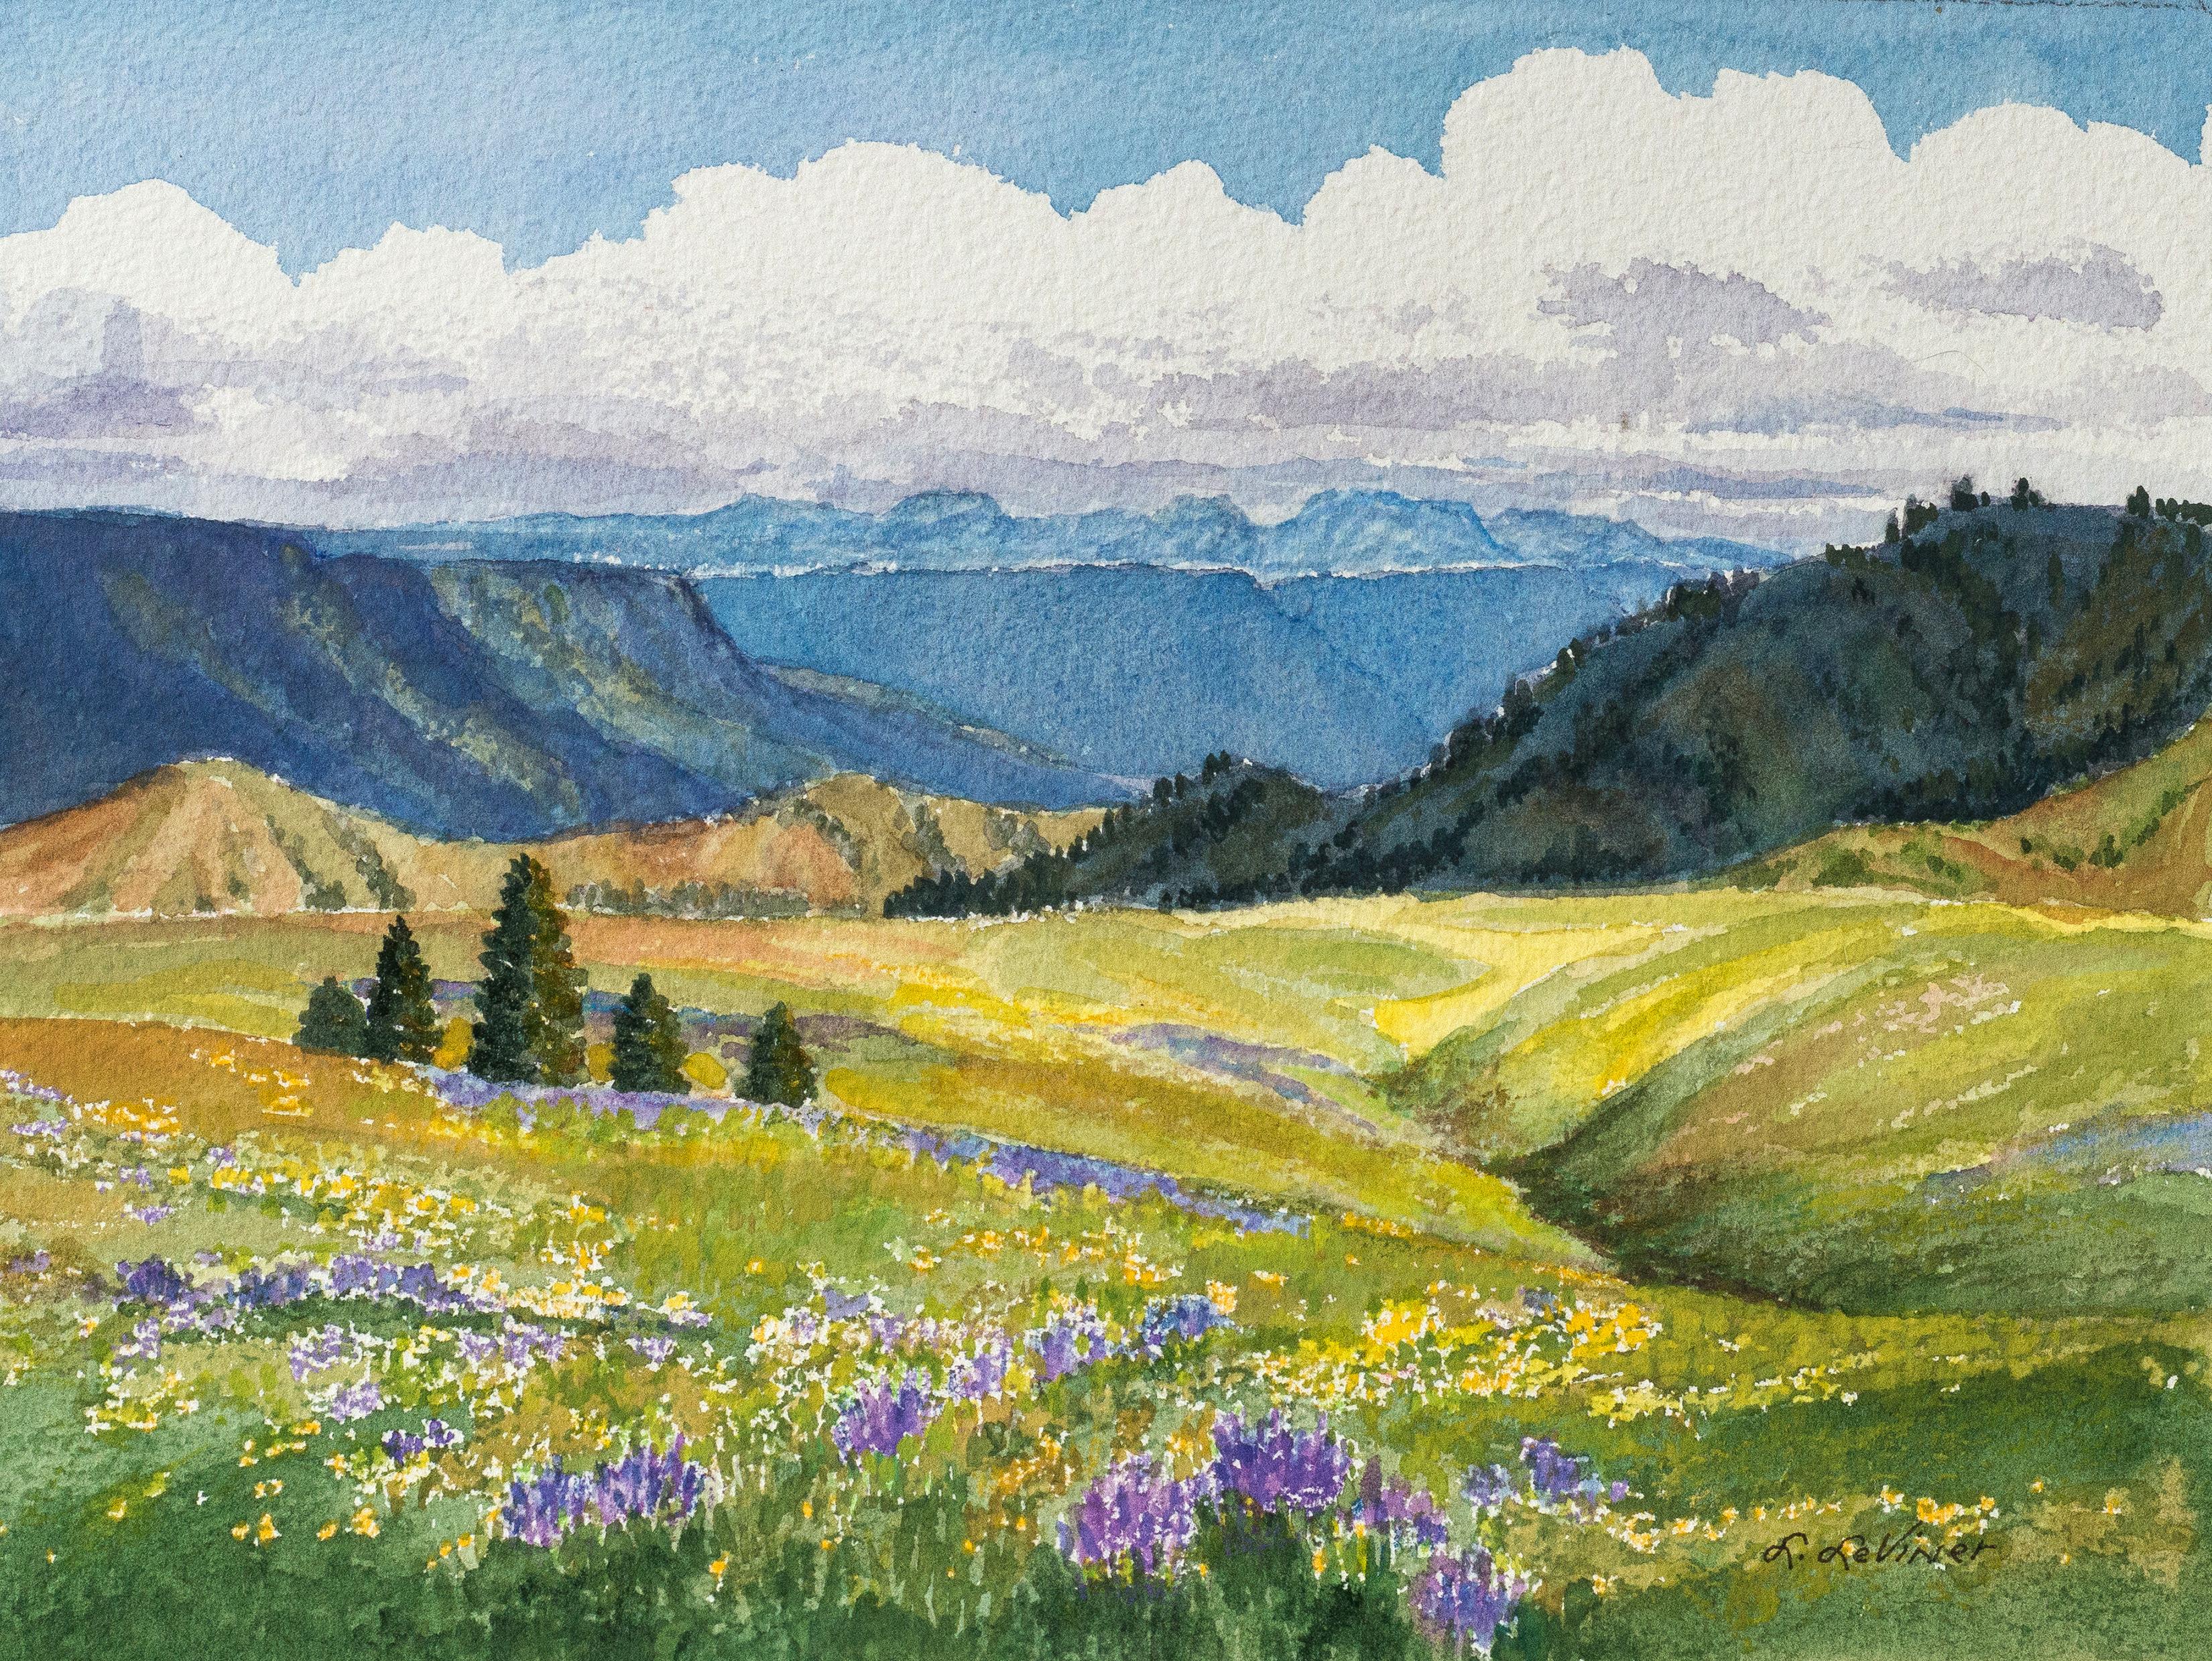 The Wild Landscape Art And Words Of The Zumwalt Prairie